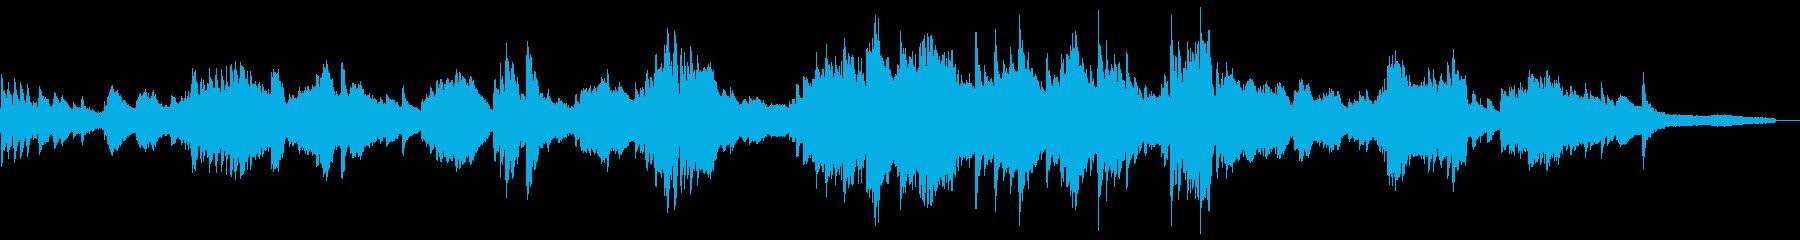 和風のしっとりした雰囲気3-ピアノソロの再生済みの波形